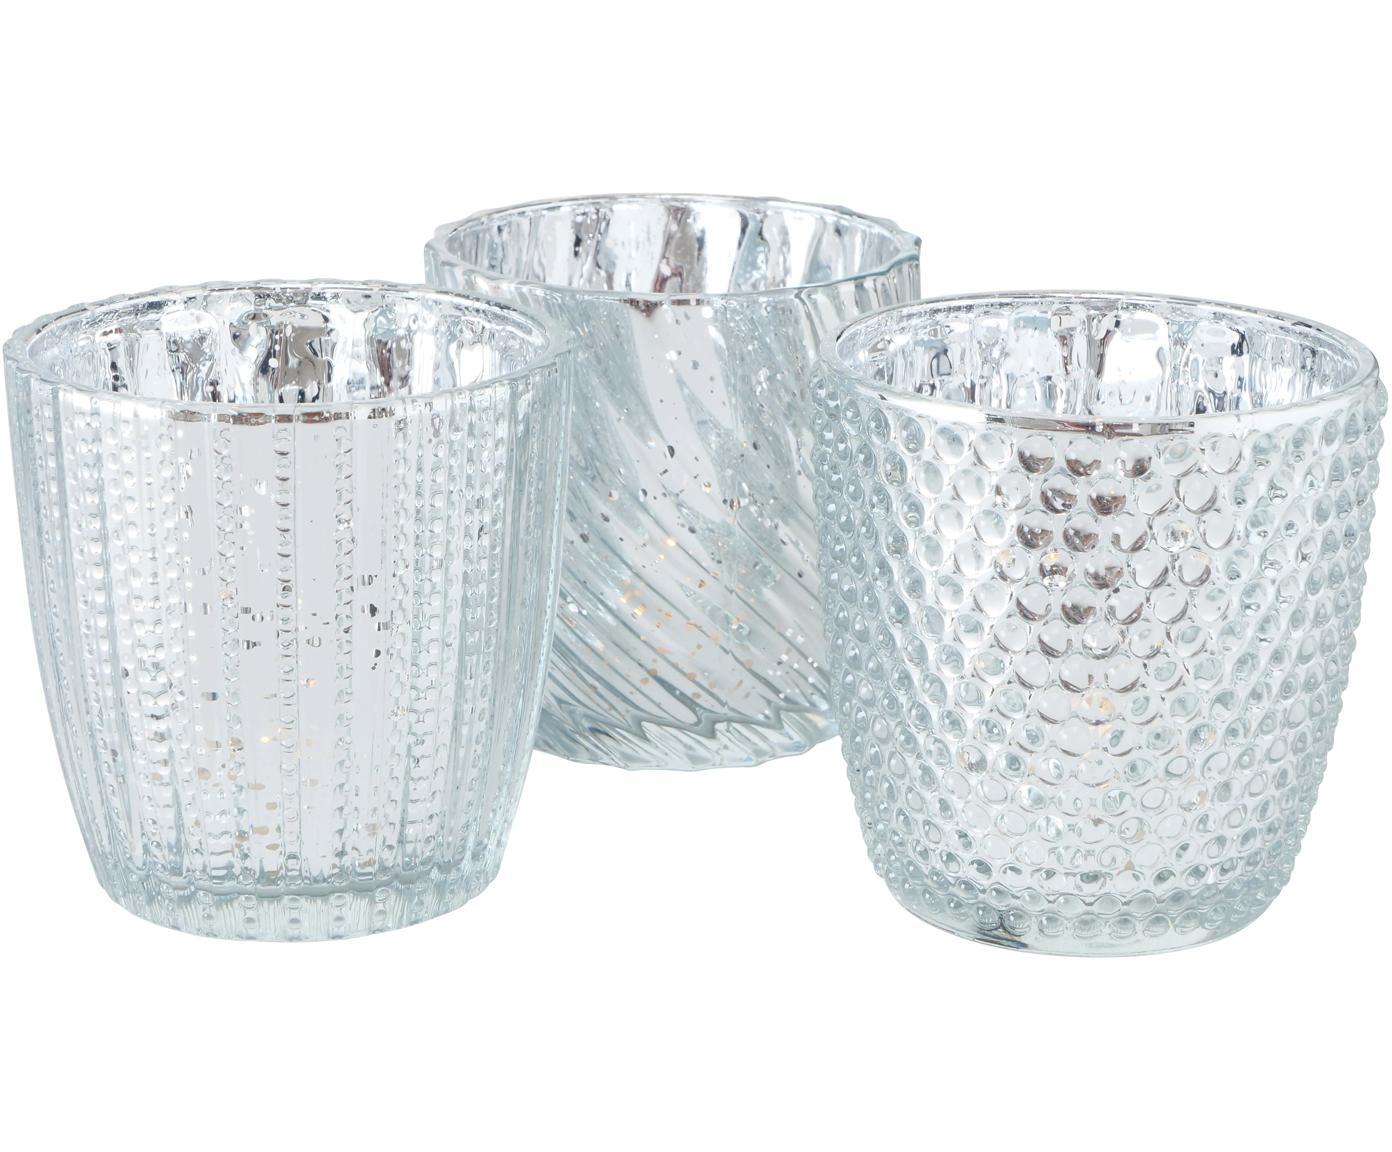 Teelichthalter-Set Matia, 3-tlg., Glas, Silberfarben, Ø 8 x 9 cm